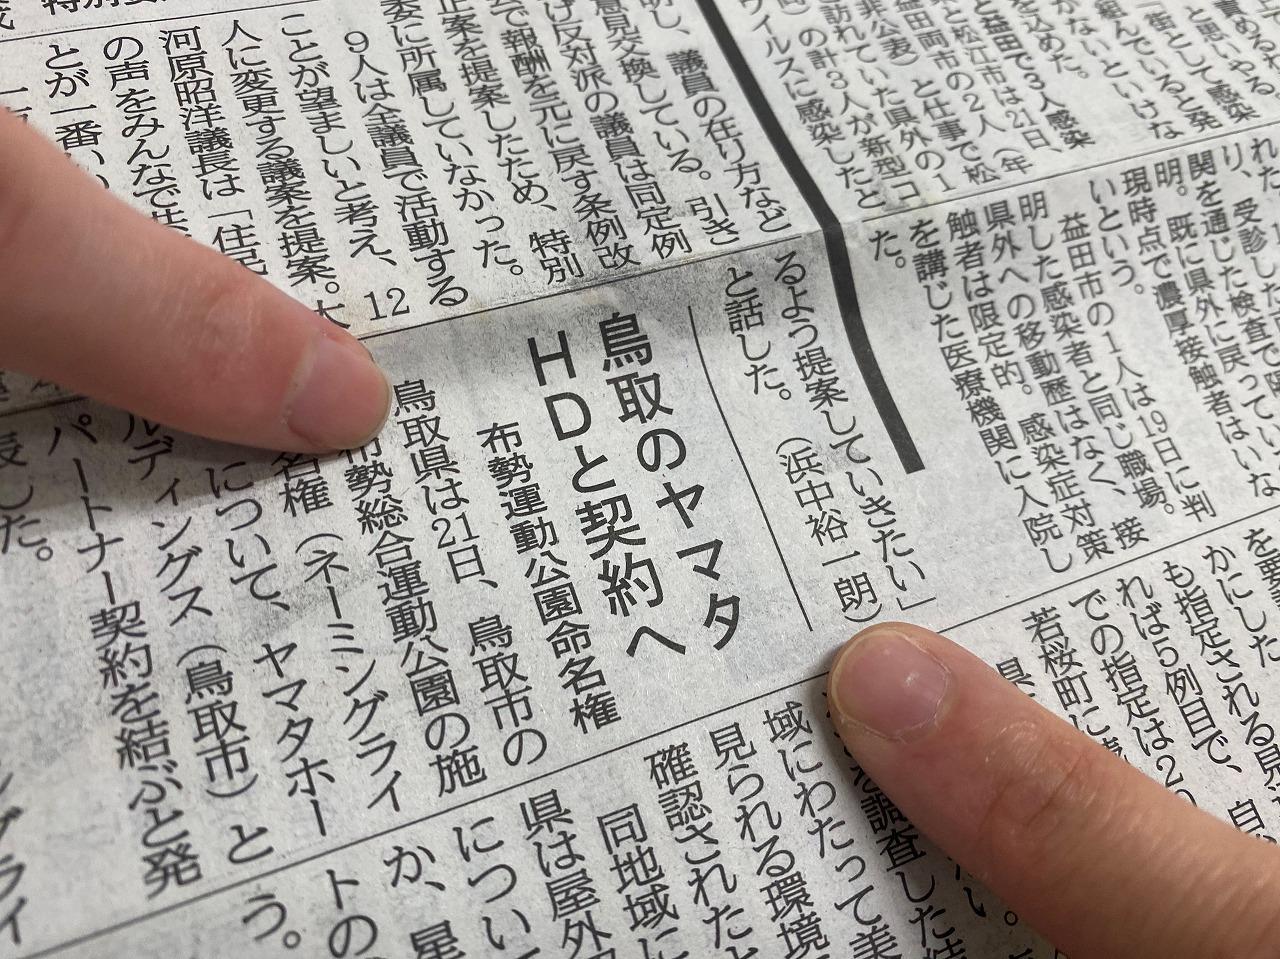 「鳥取県立布勢総合運動公園」ネーミングライツ優先交渉権の獲得のお知らせ